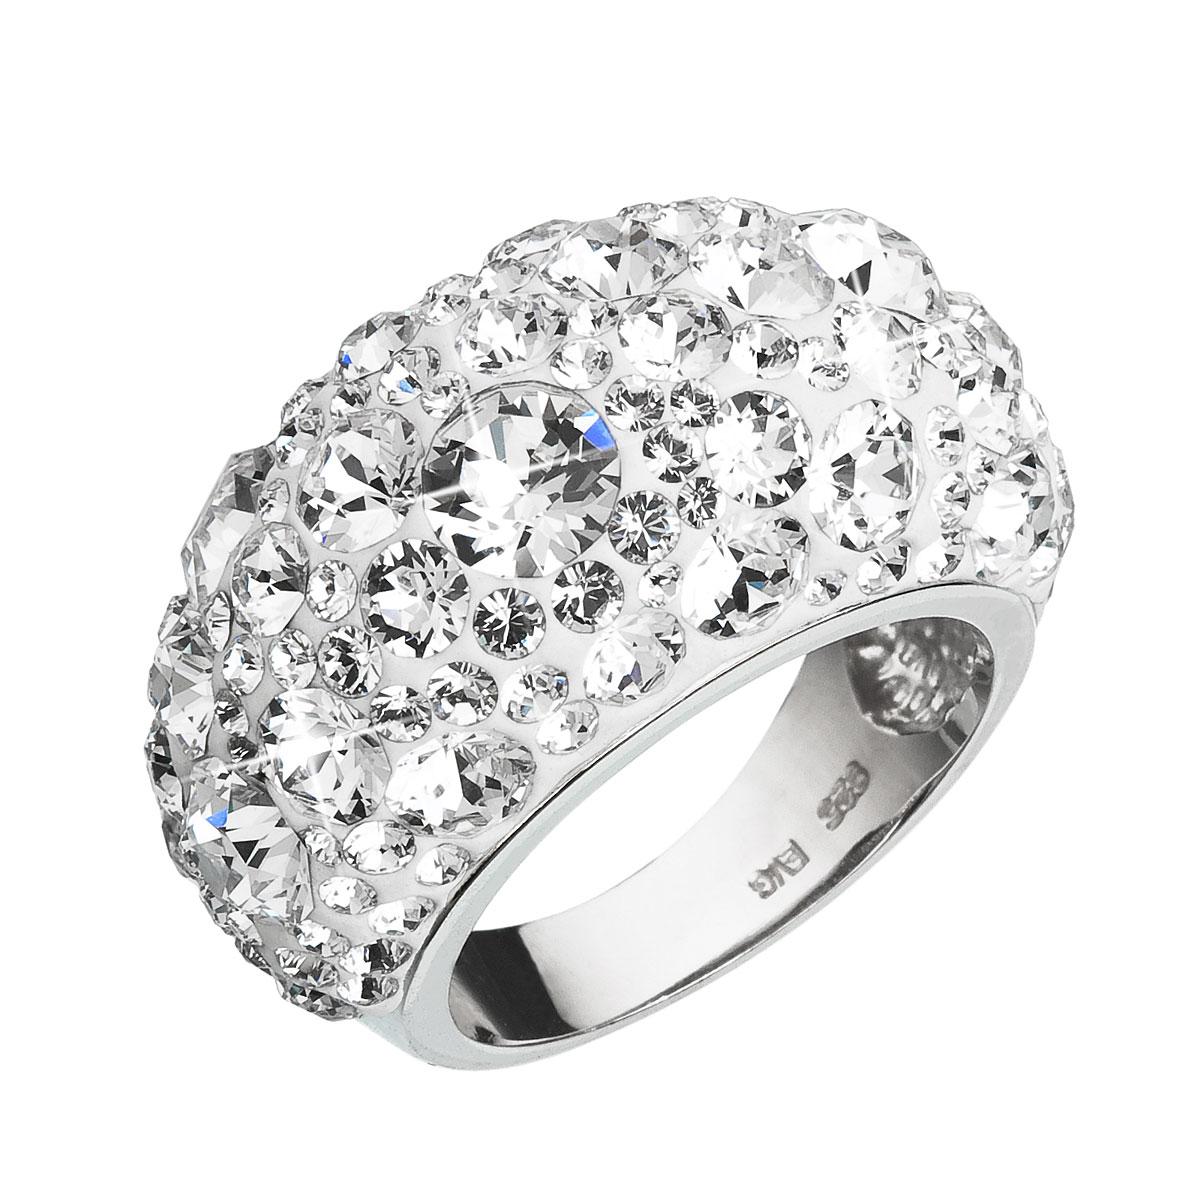 Evolution Group Stříbrný prsten s krystaly Swarovski bílý 35028.1, dárkové balení